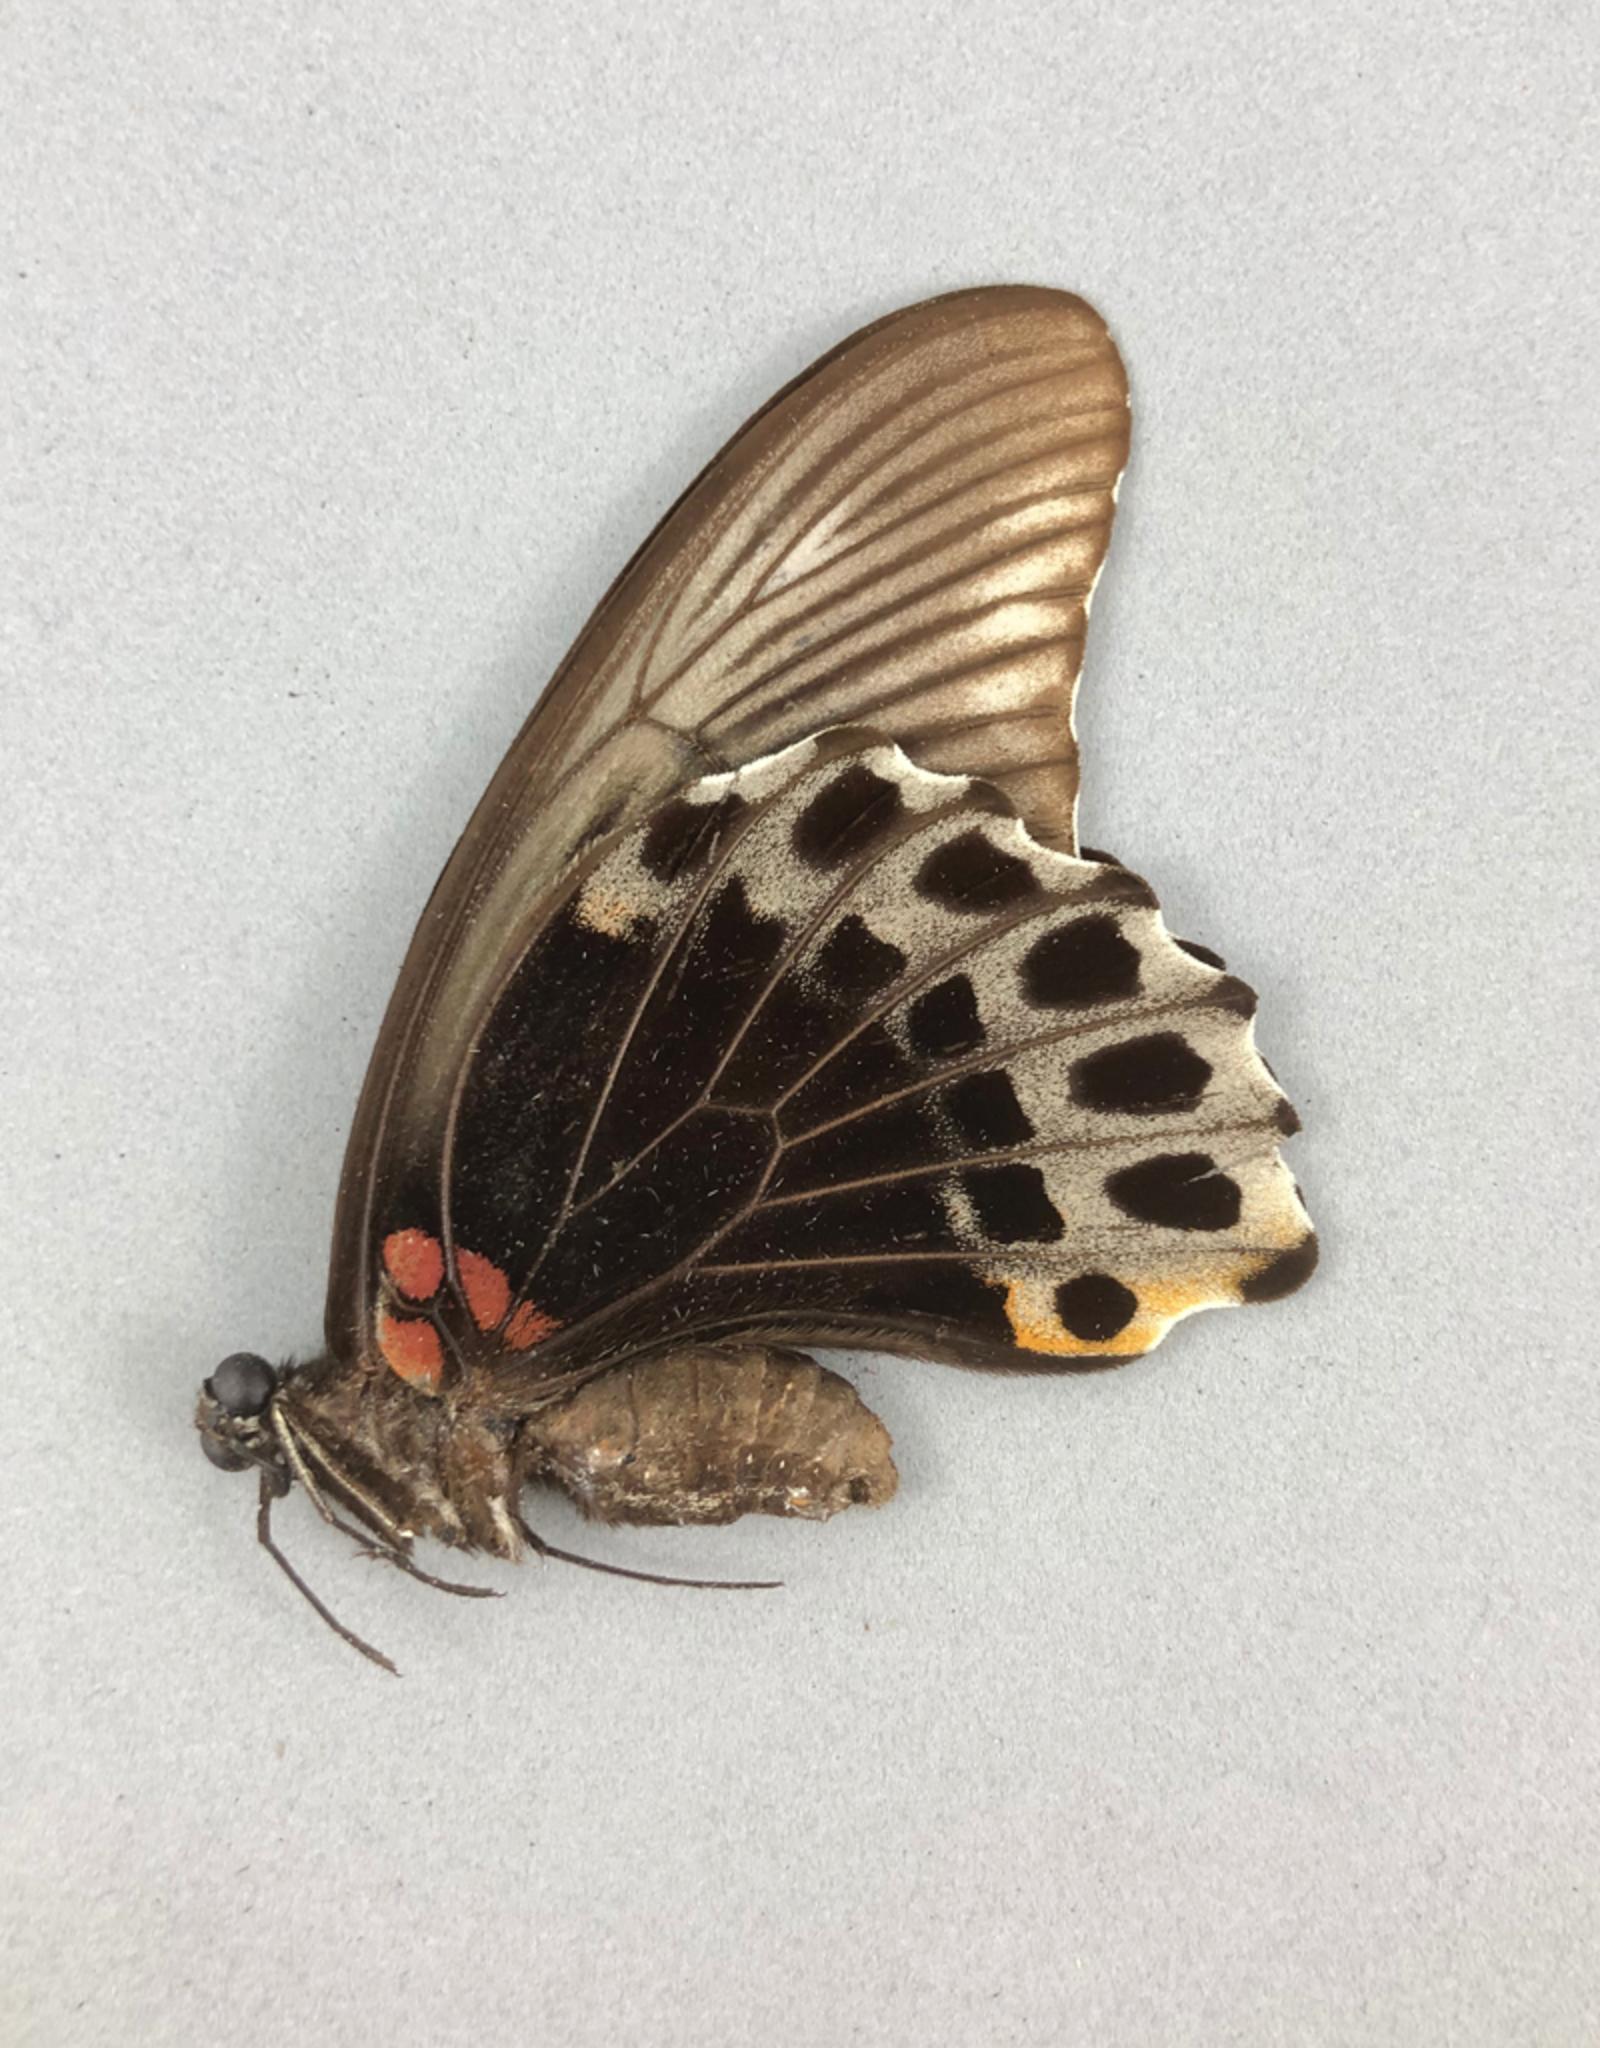 Papilio memnon agenor F A1 Indonesia